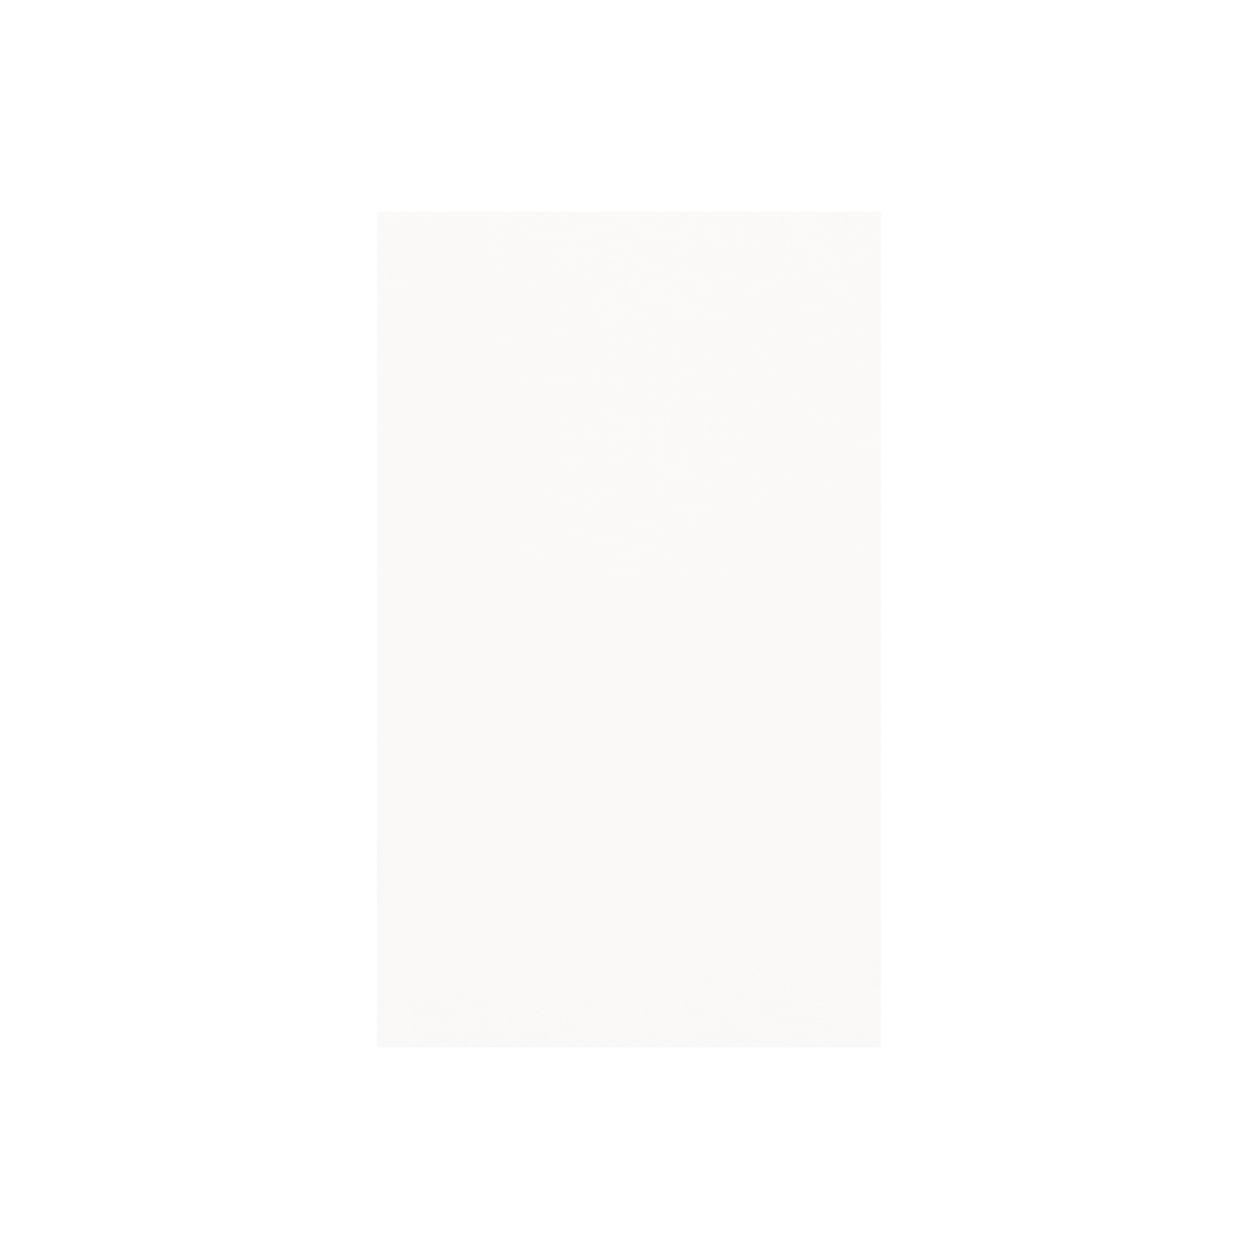 サンプル カード・シート 00495